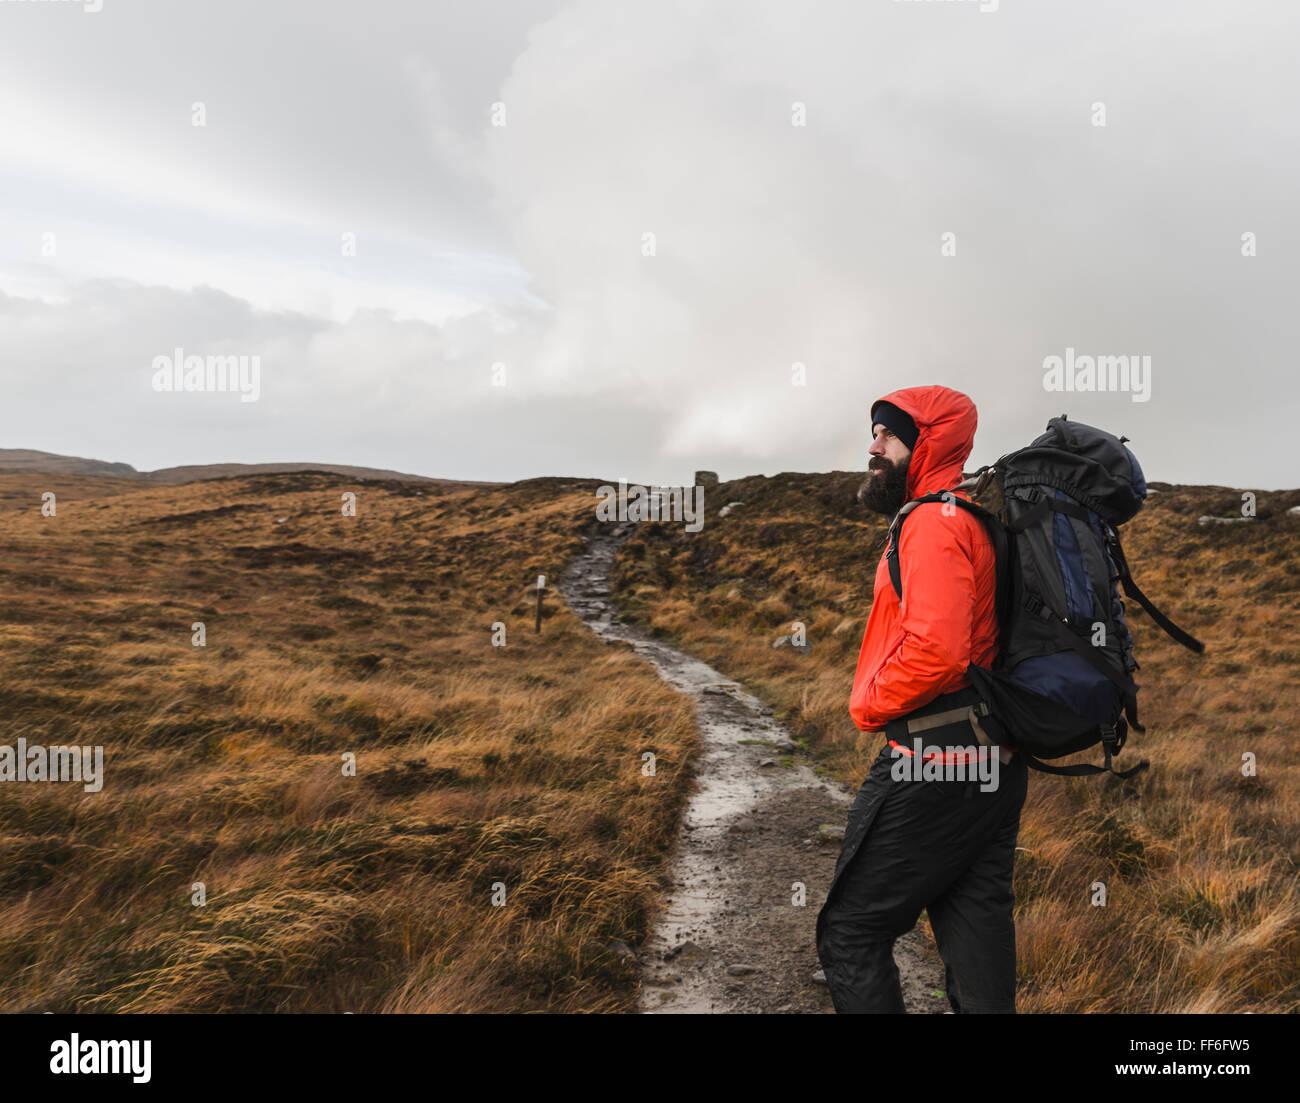 Ein Mann im Winterkleidung, Regenjacke und Rucksack in der offenen Landschaft durch einen Pfad. Stockbild